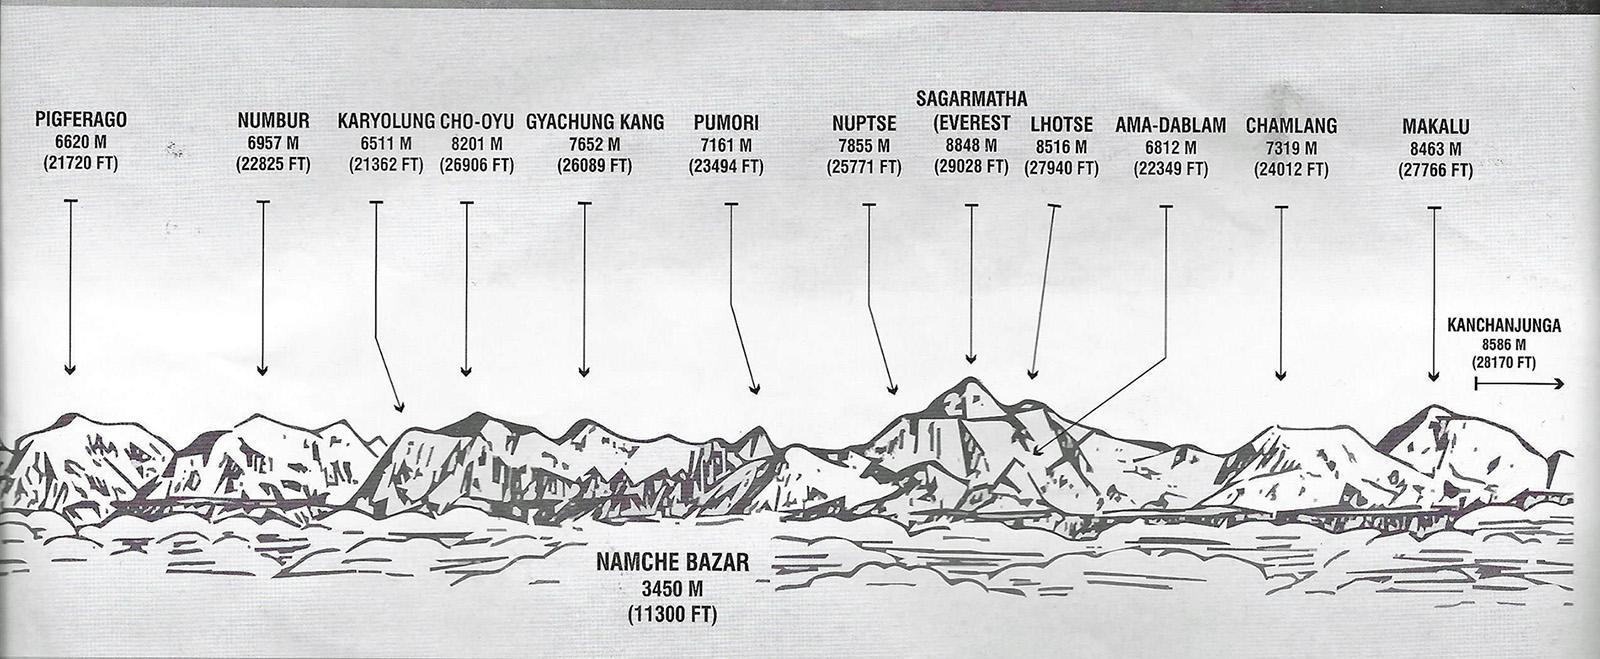 Ohne den Plan würde man den Everest vermutlich nicht finden.